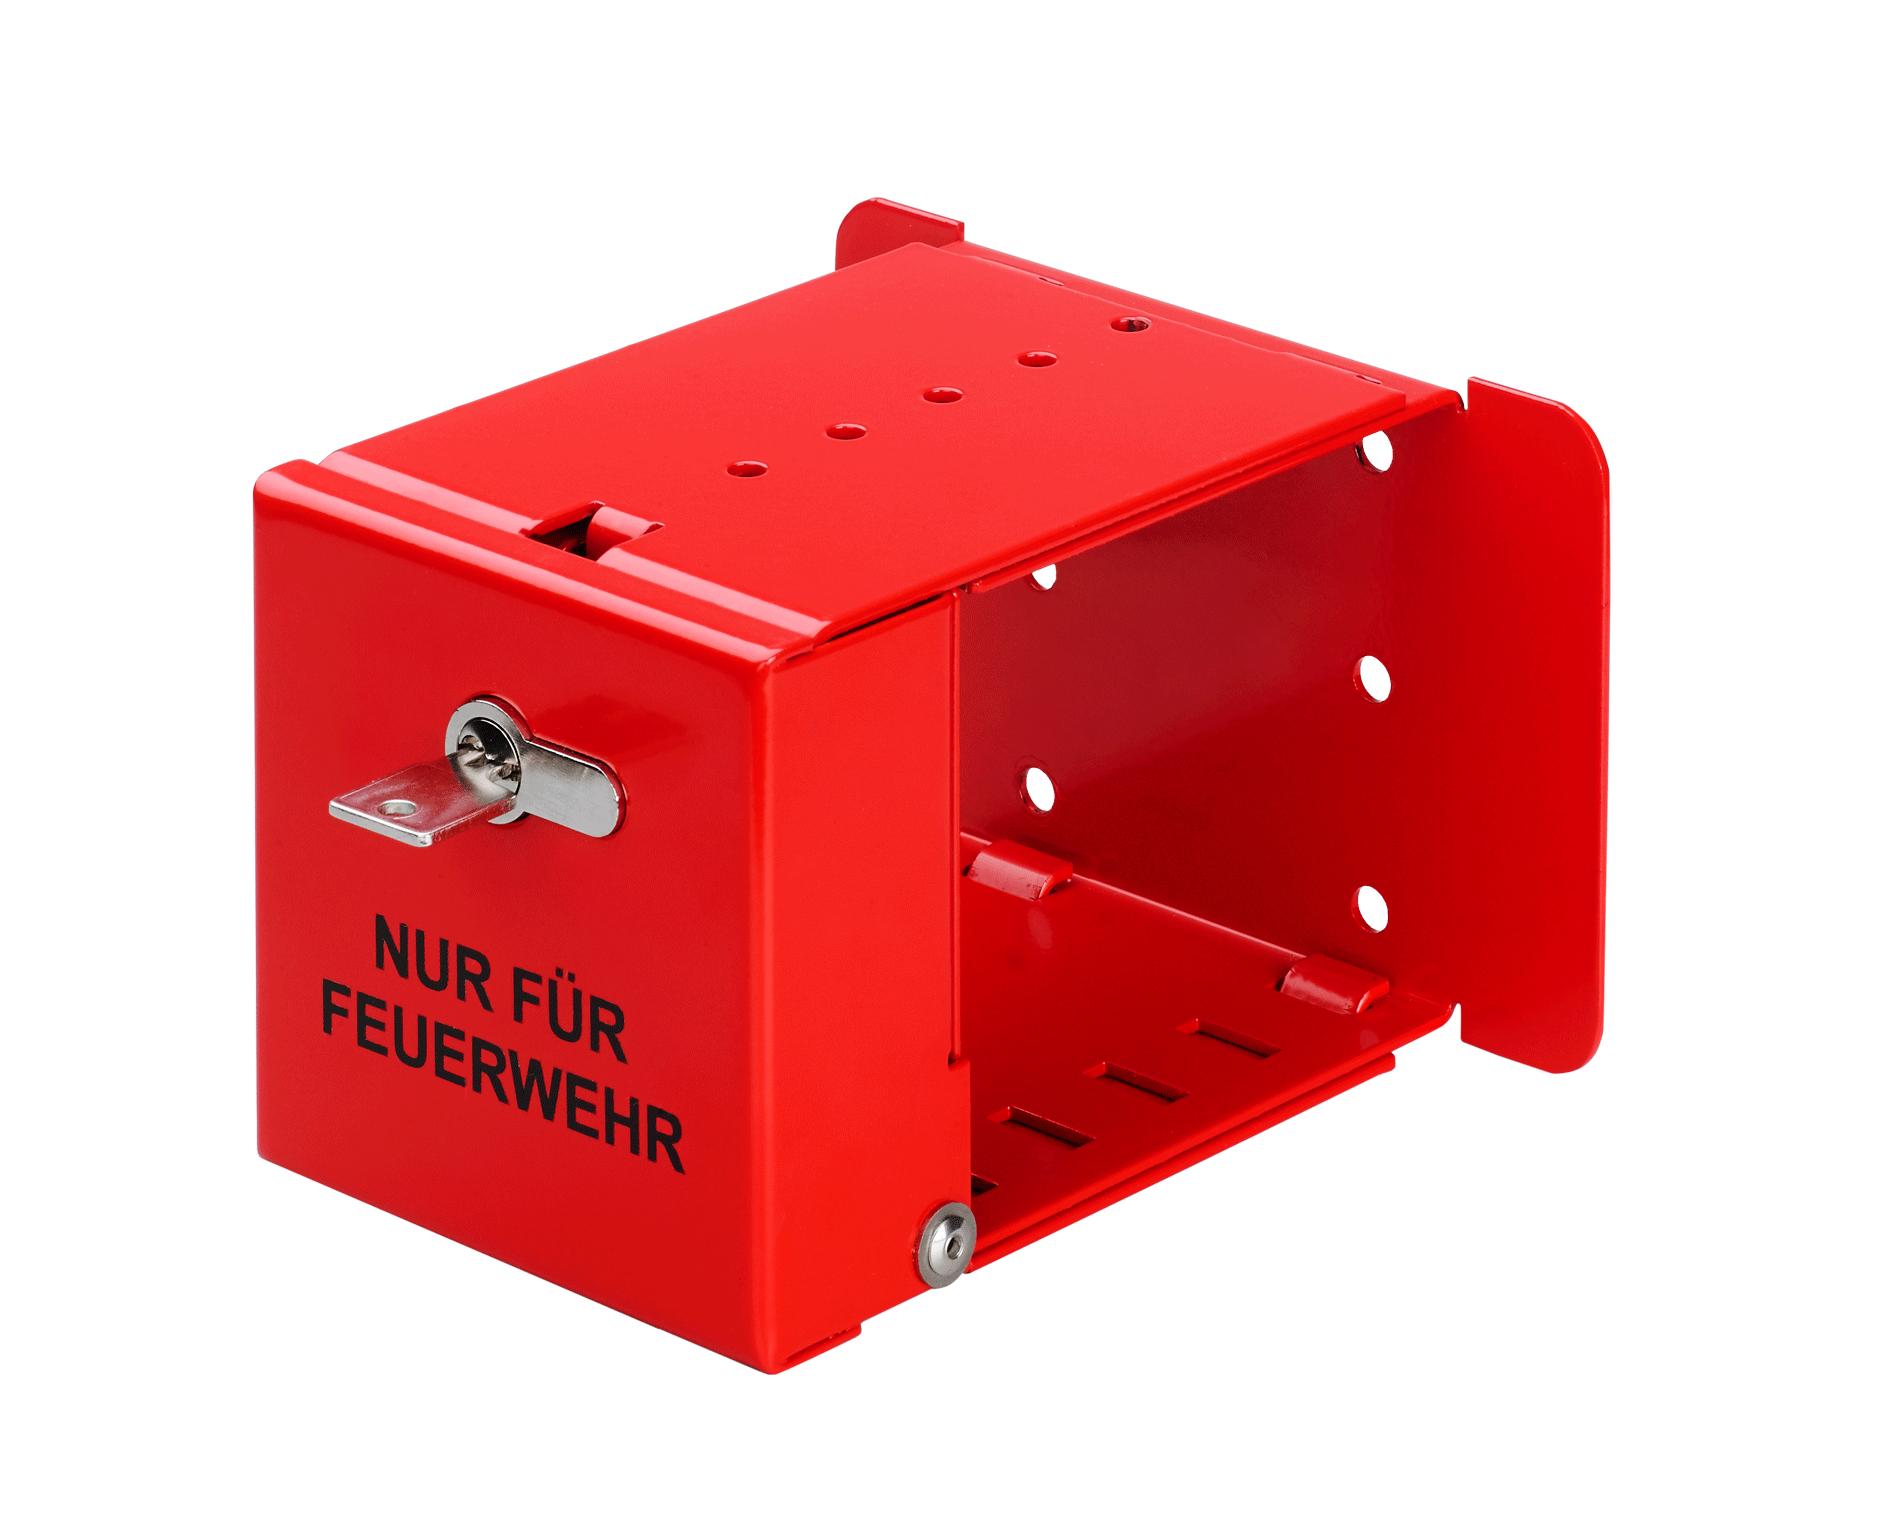 Produktbild FW-Leiterhalterung CL1